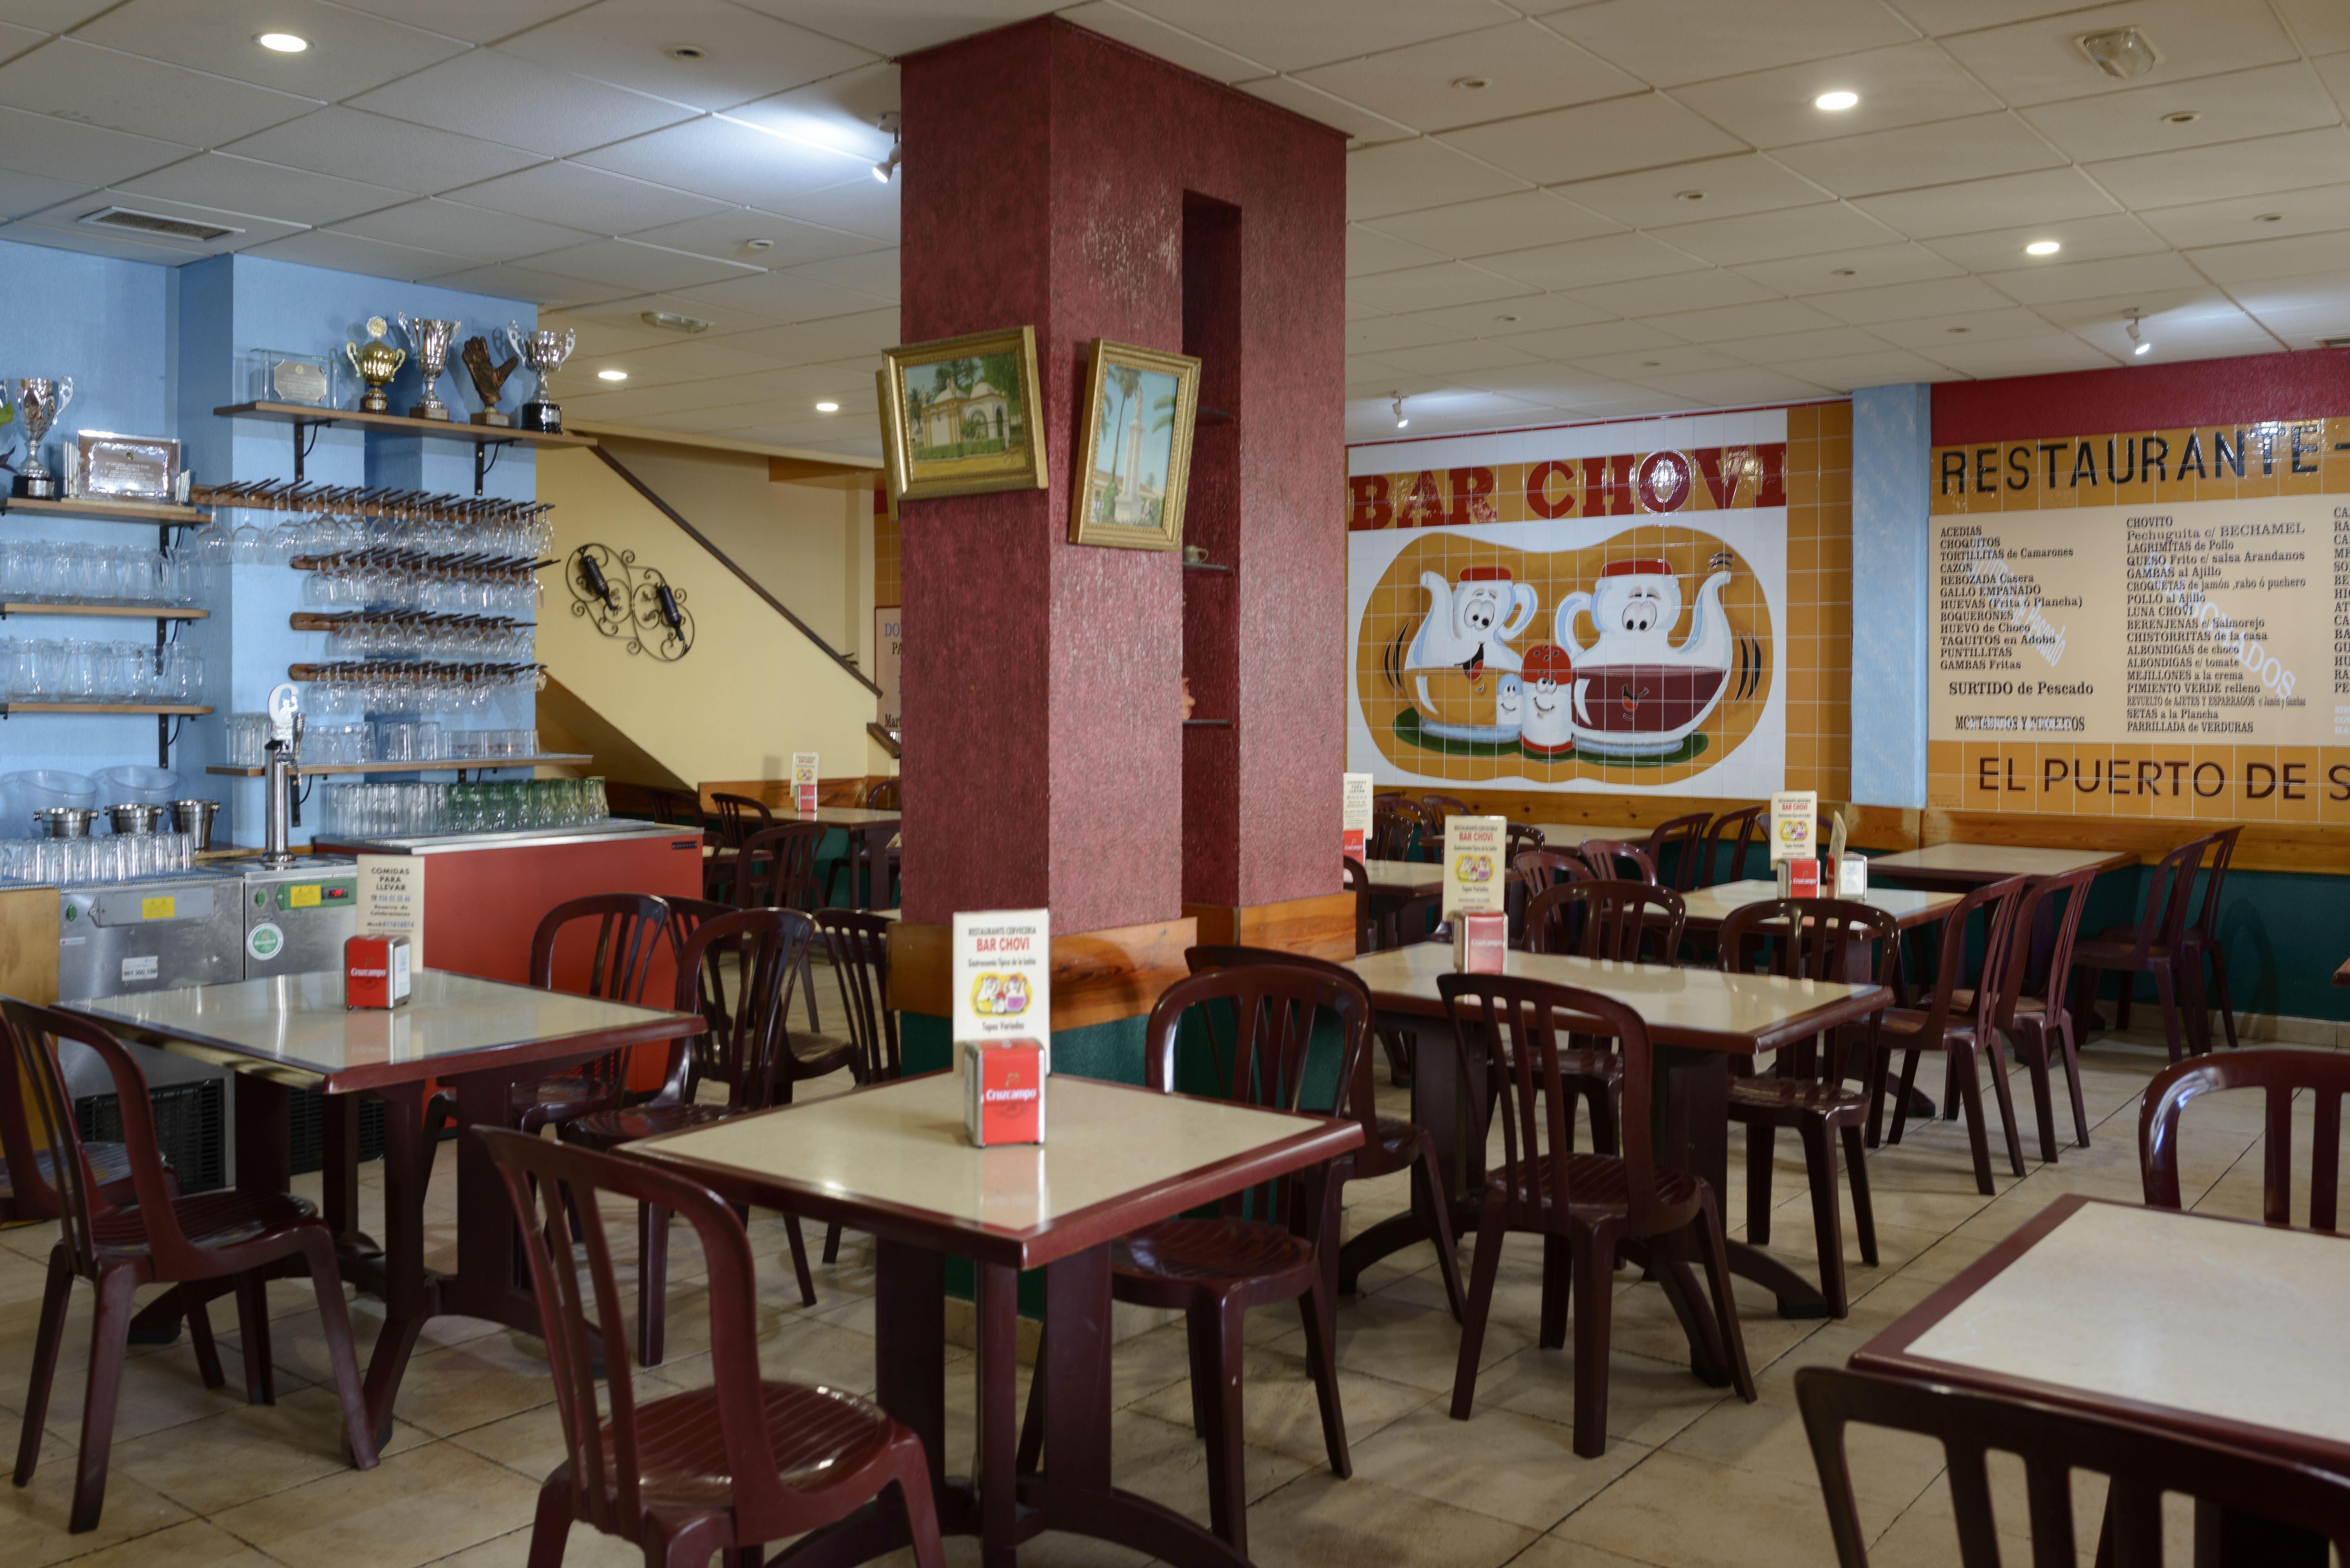 Foto 4 de Cocina andaluza en El Puerto de Santa María | Restaurante Bar Chovi